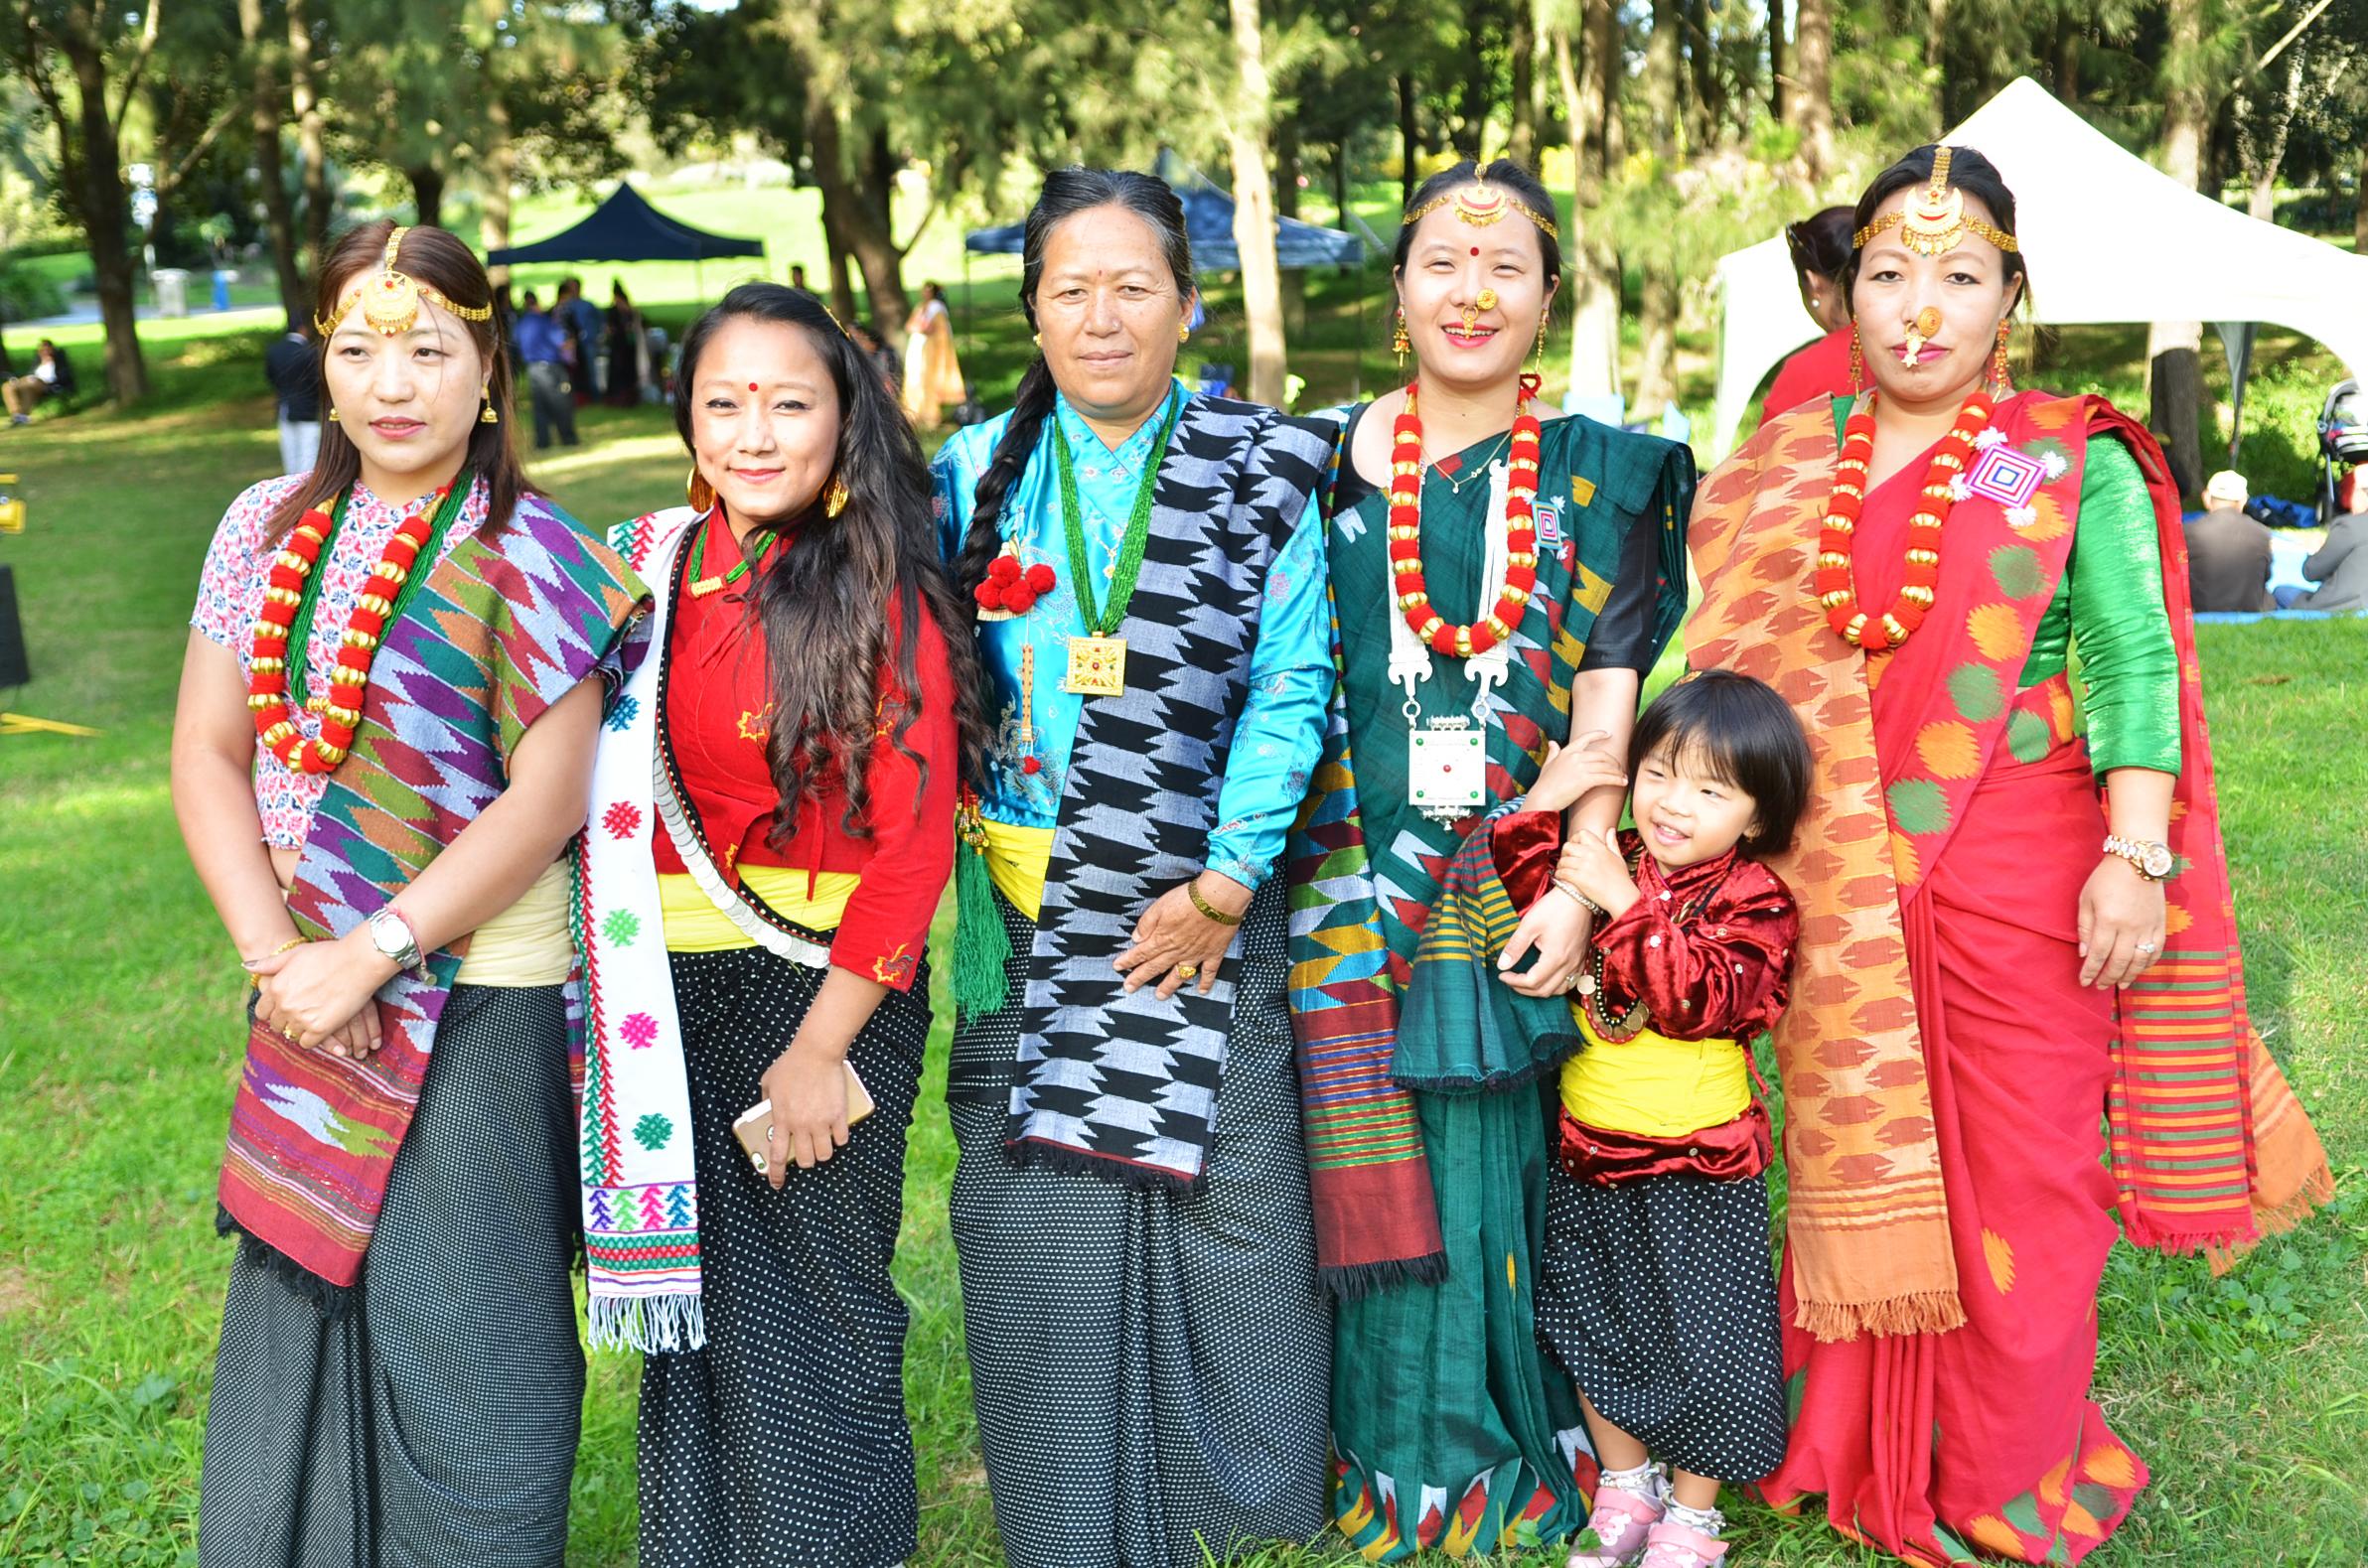 Kirati people - Wikipedia